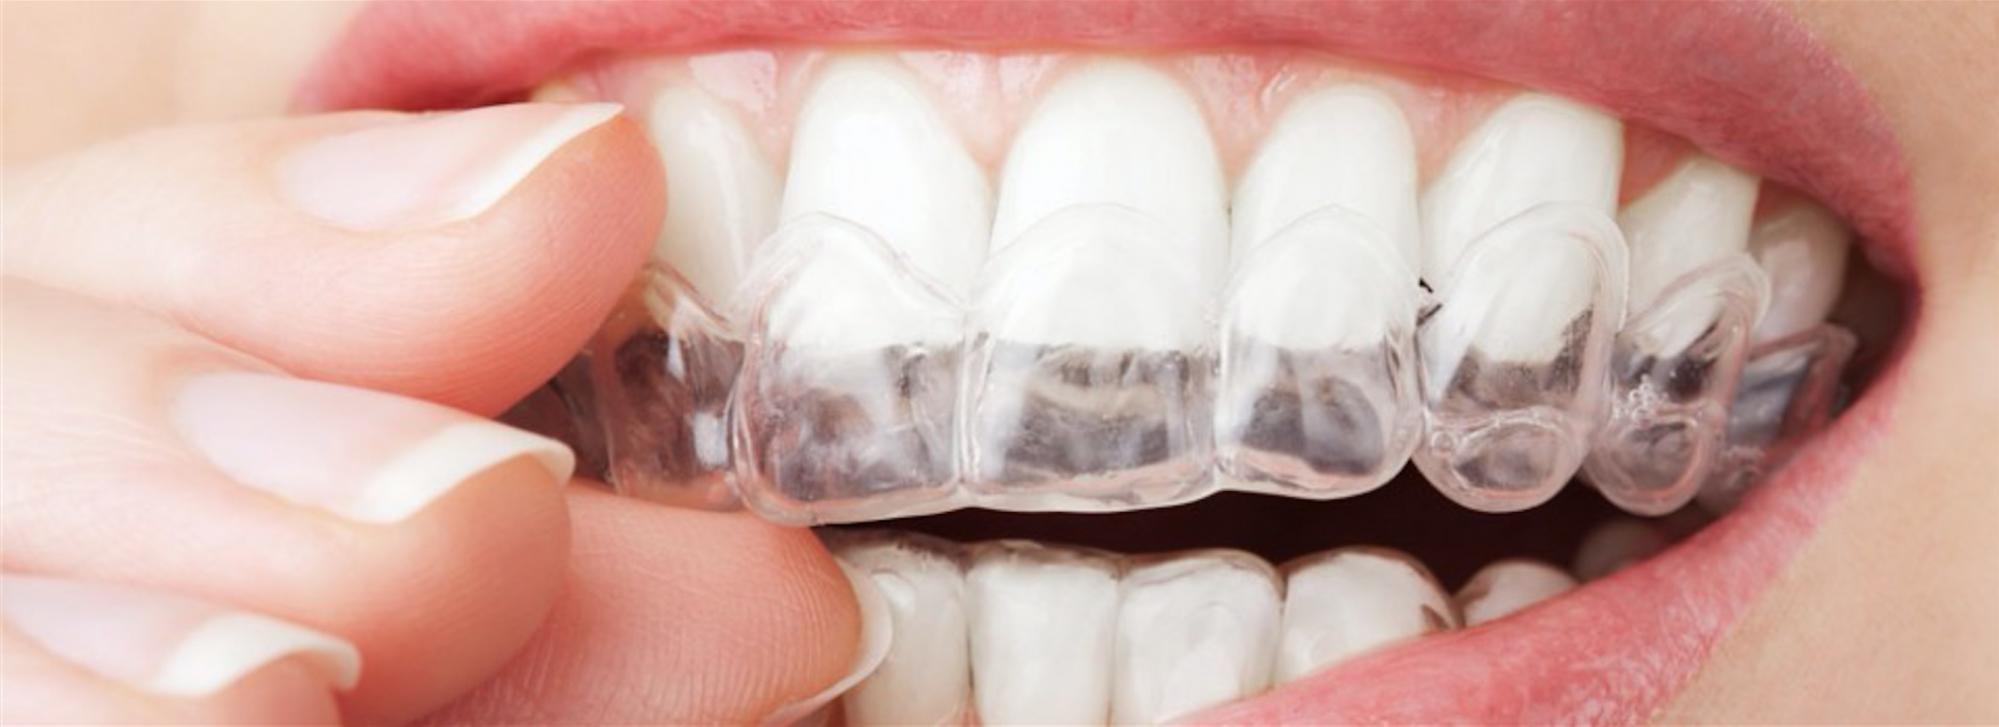 chirurgien dentiste blanchiment des dents